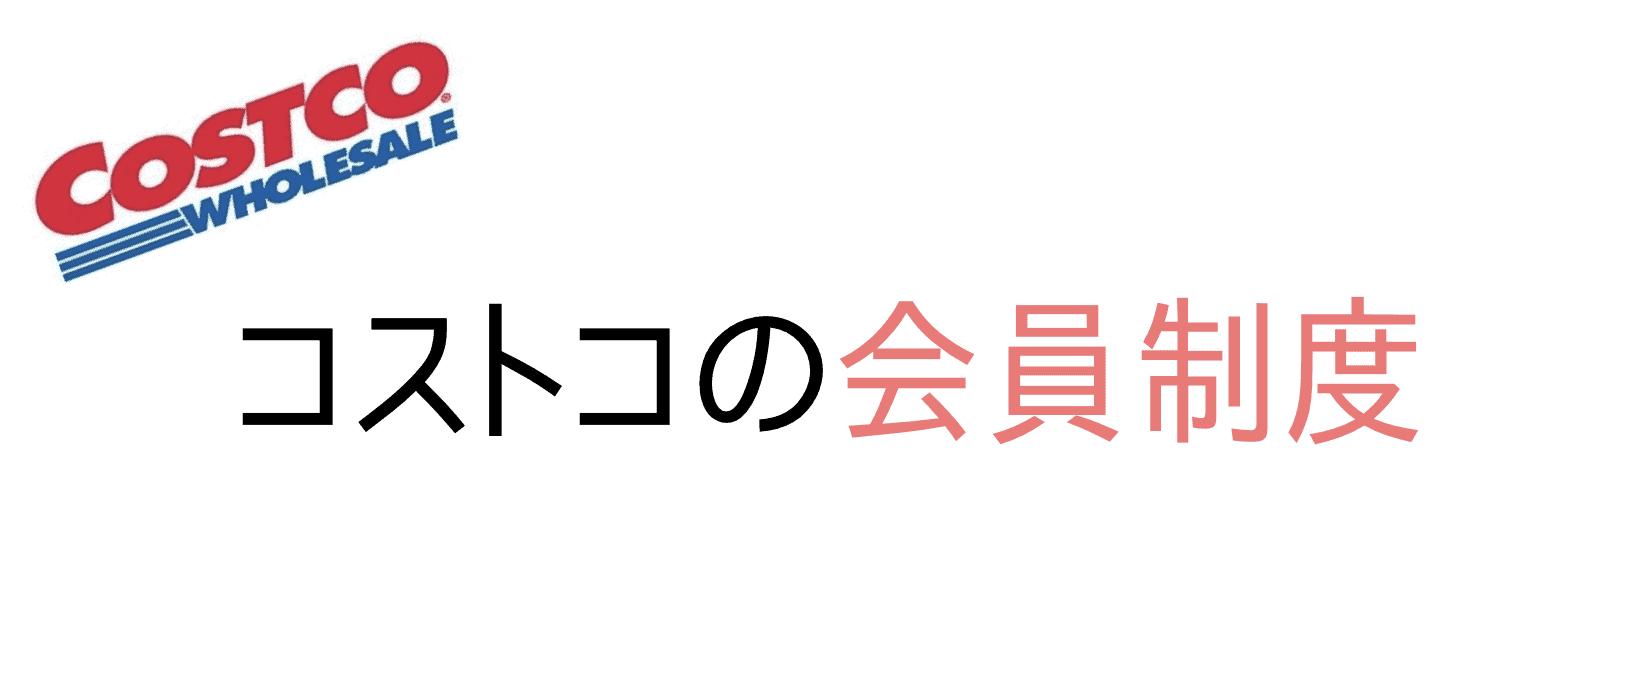 福岡のコストコ久山の会員制度